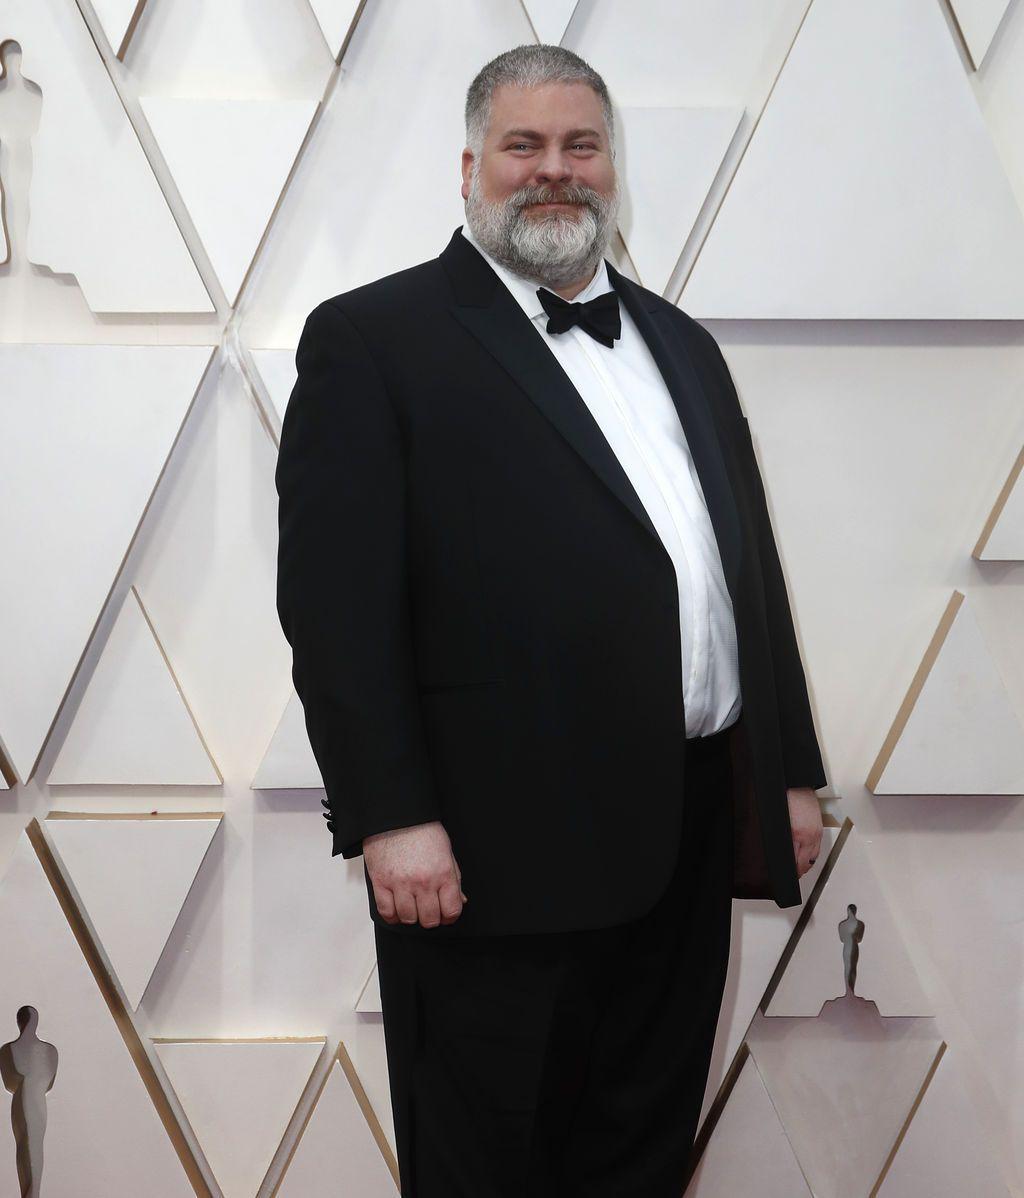 Dean DeBlois posa en la alfombra roja de los Premios Óscar 2020